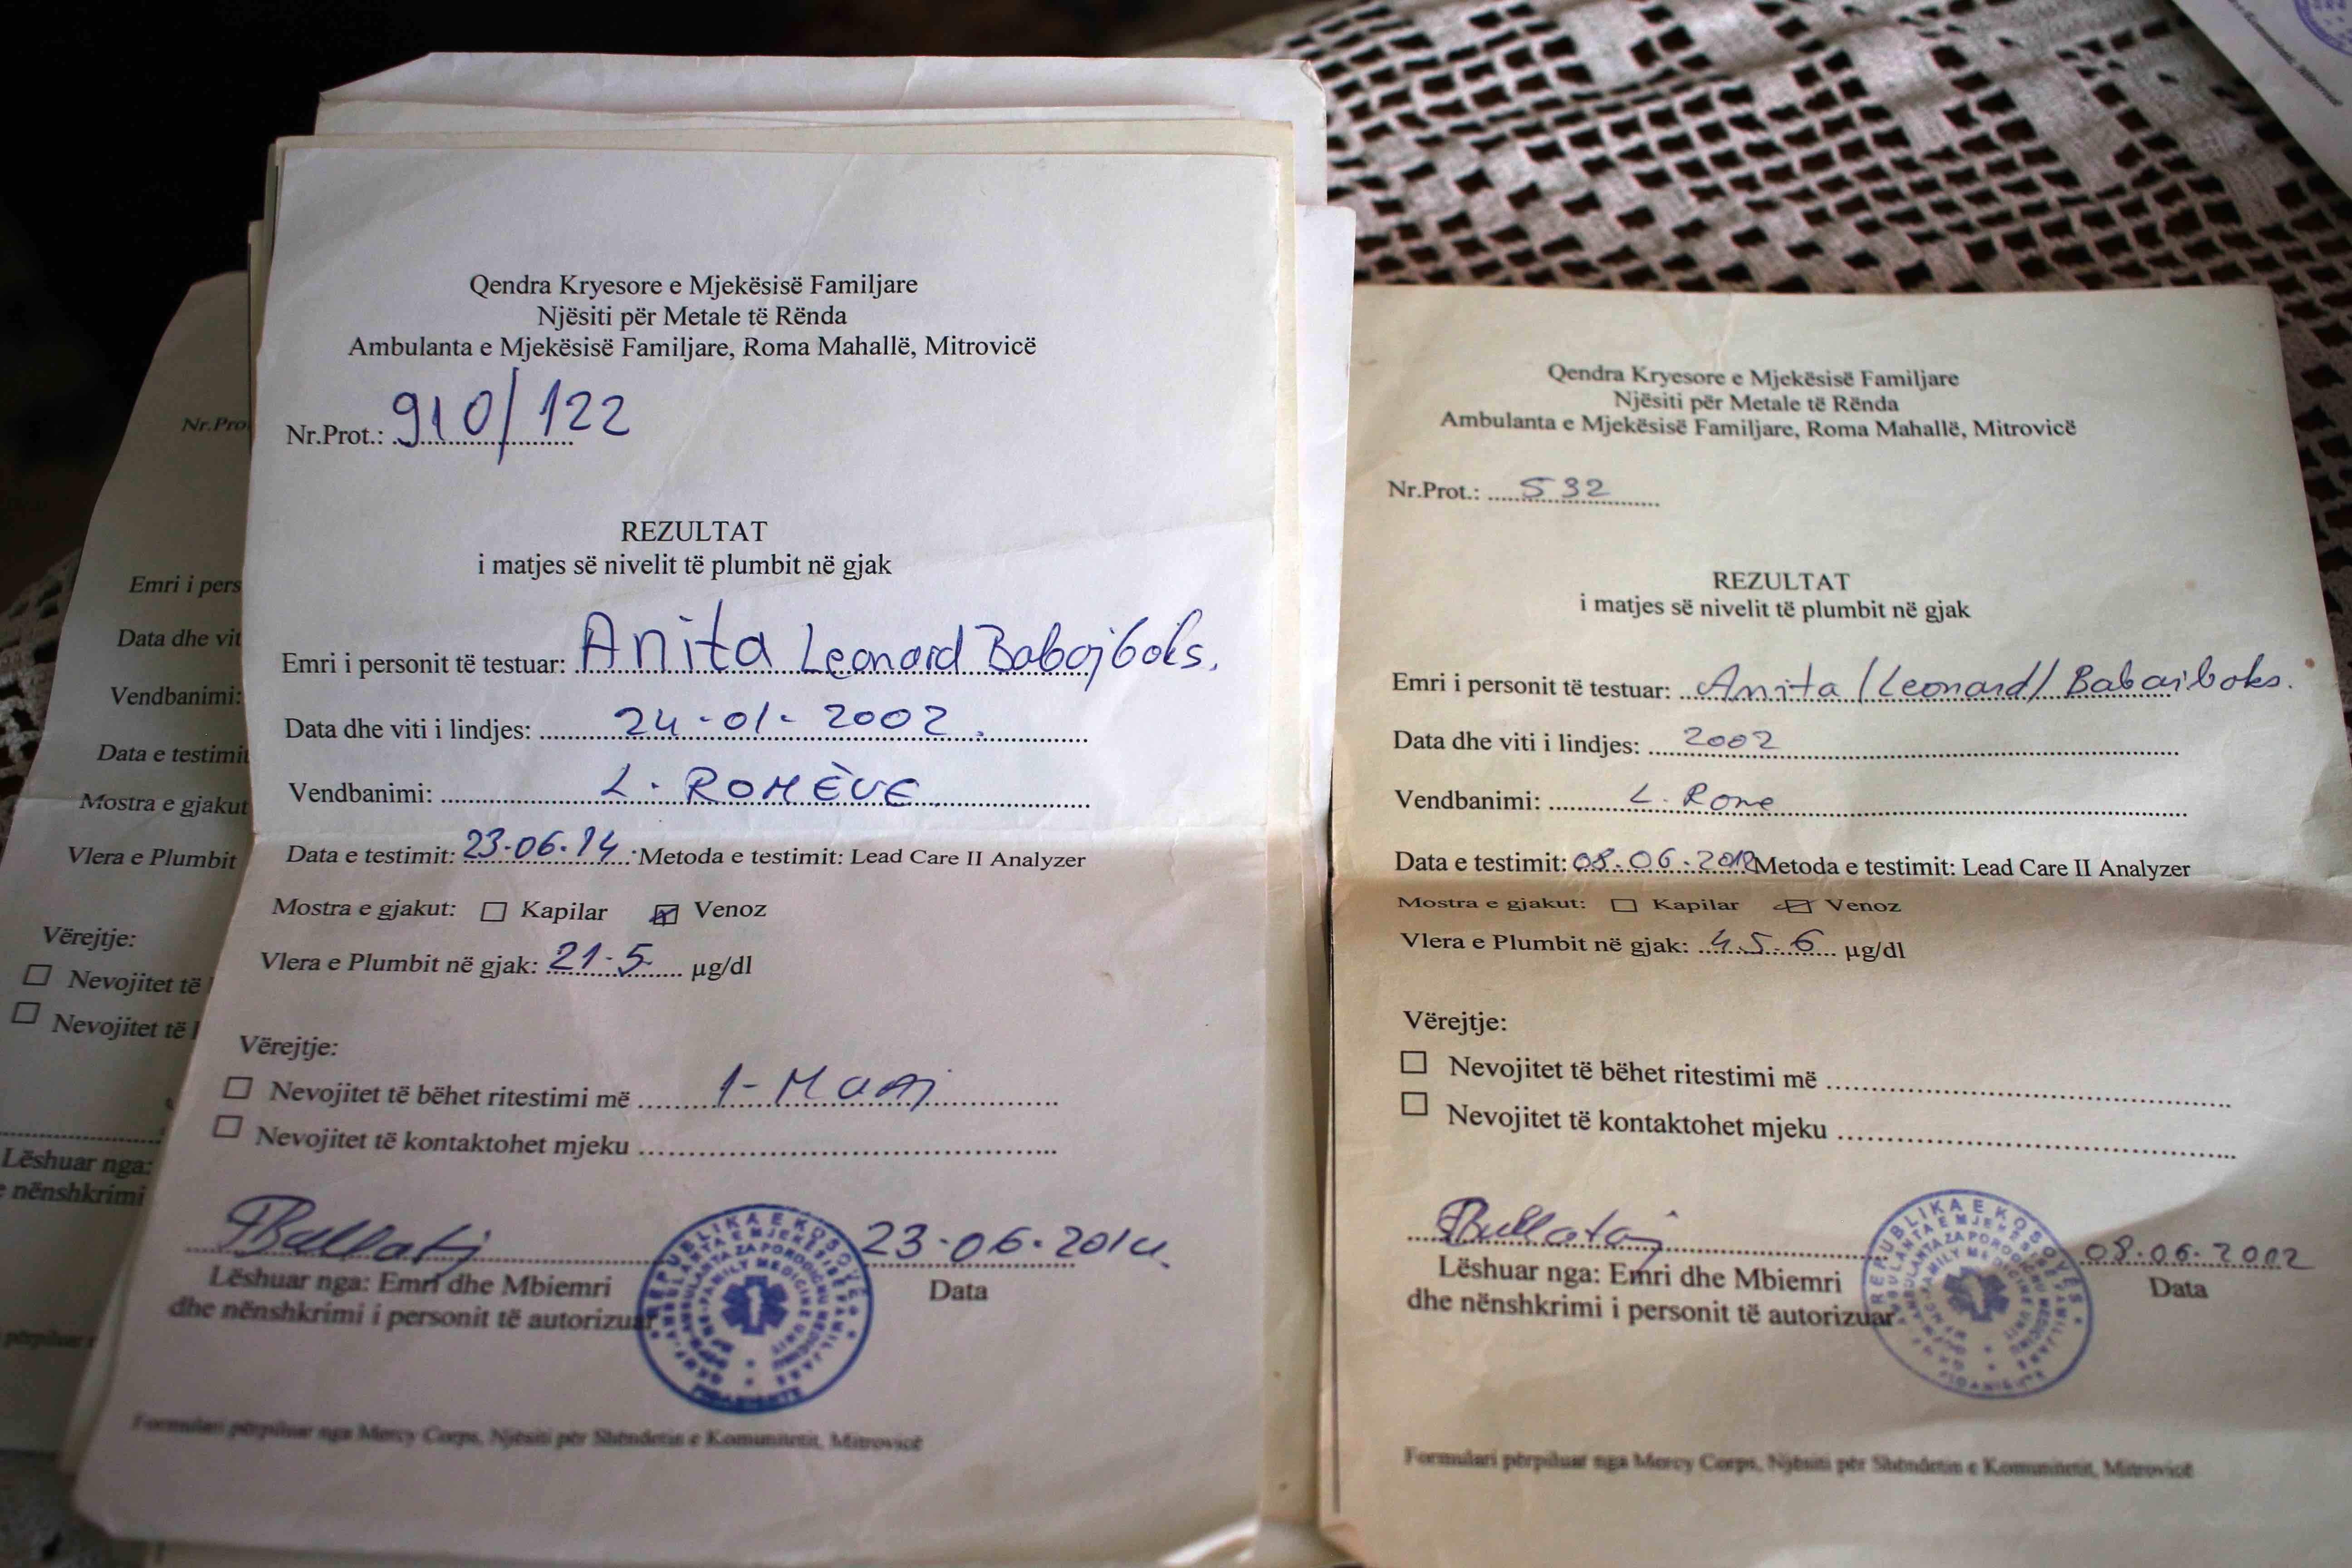 <p>Documentos con los resultados de las pruebas médicas de Anita, nieta de Bayram Babajboks.</p>